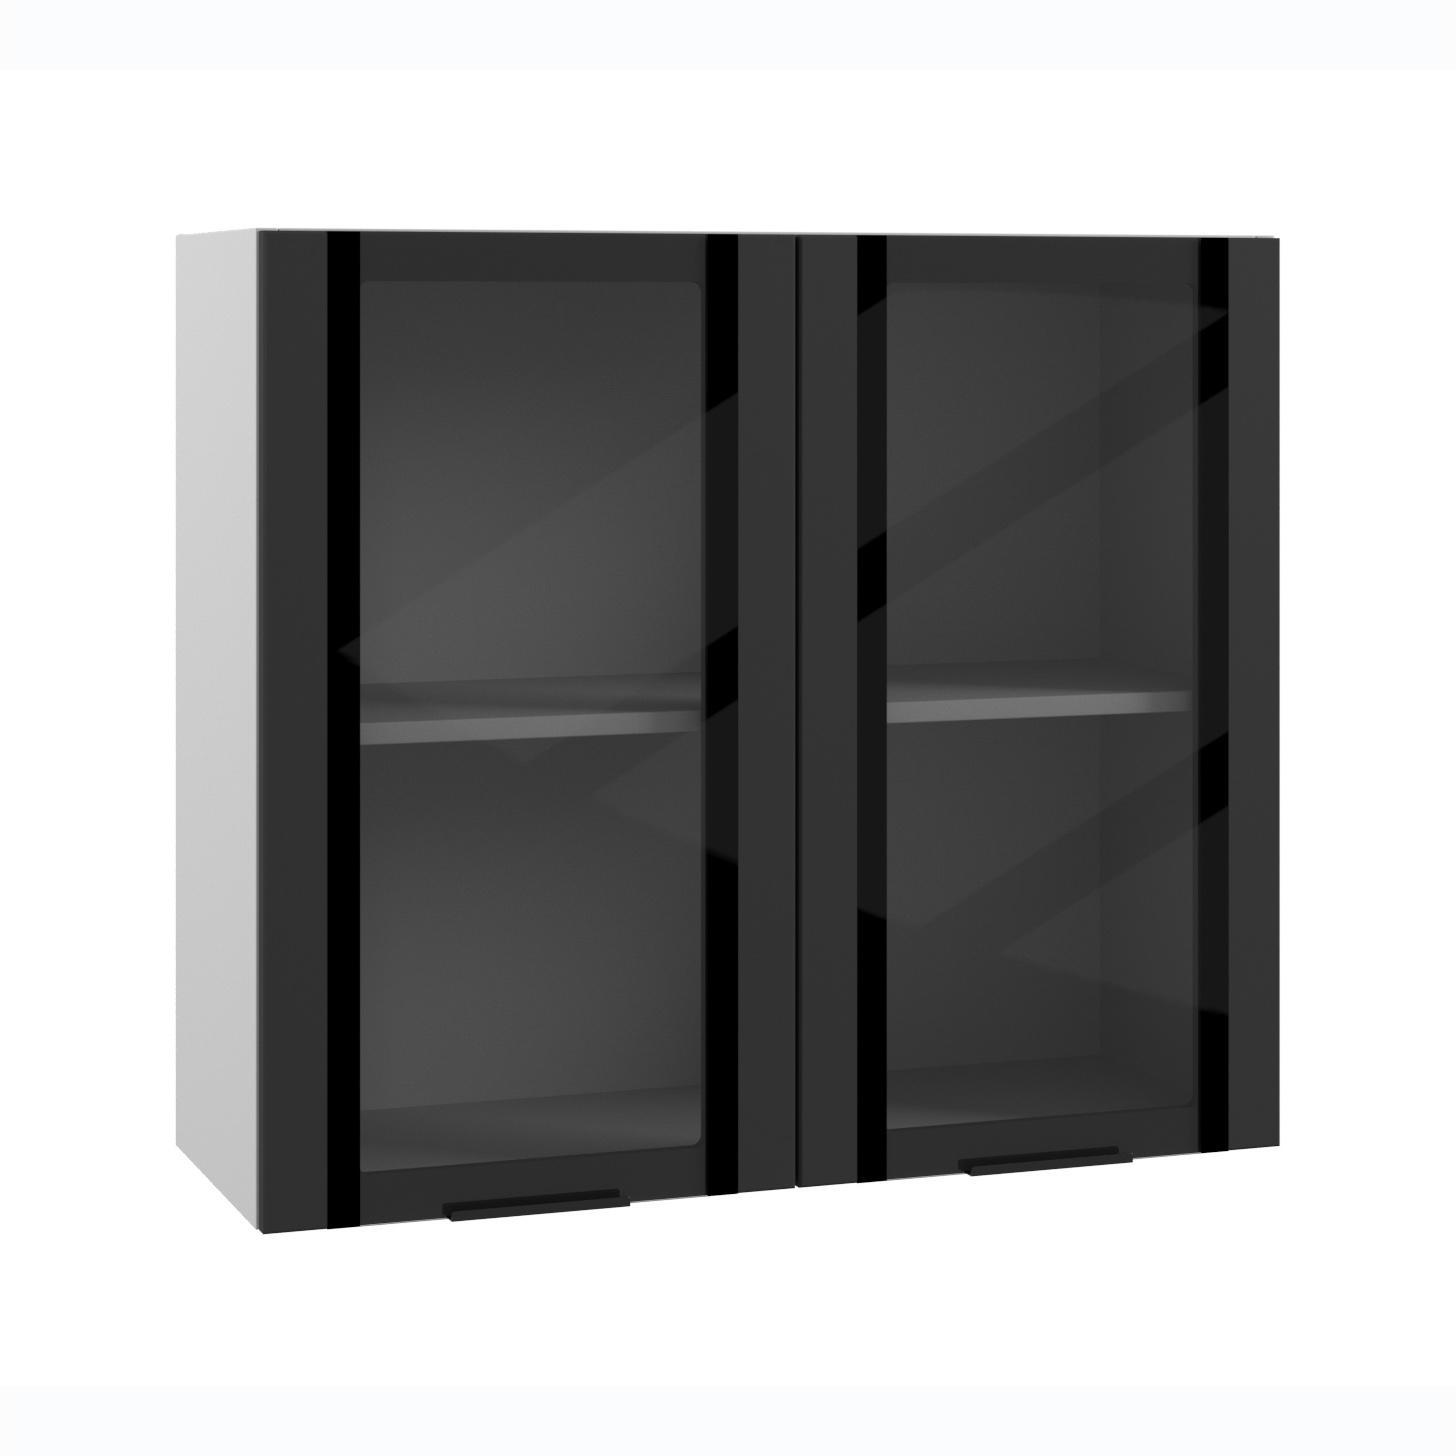 Кухня Квадро ПВС 800 Шкаф верхний стекло